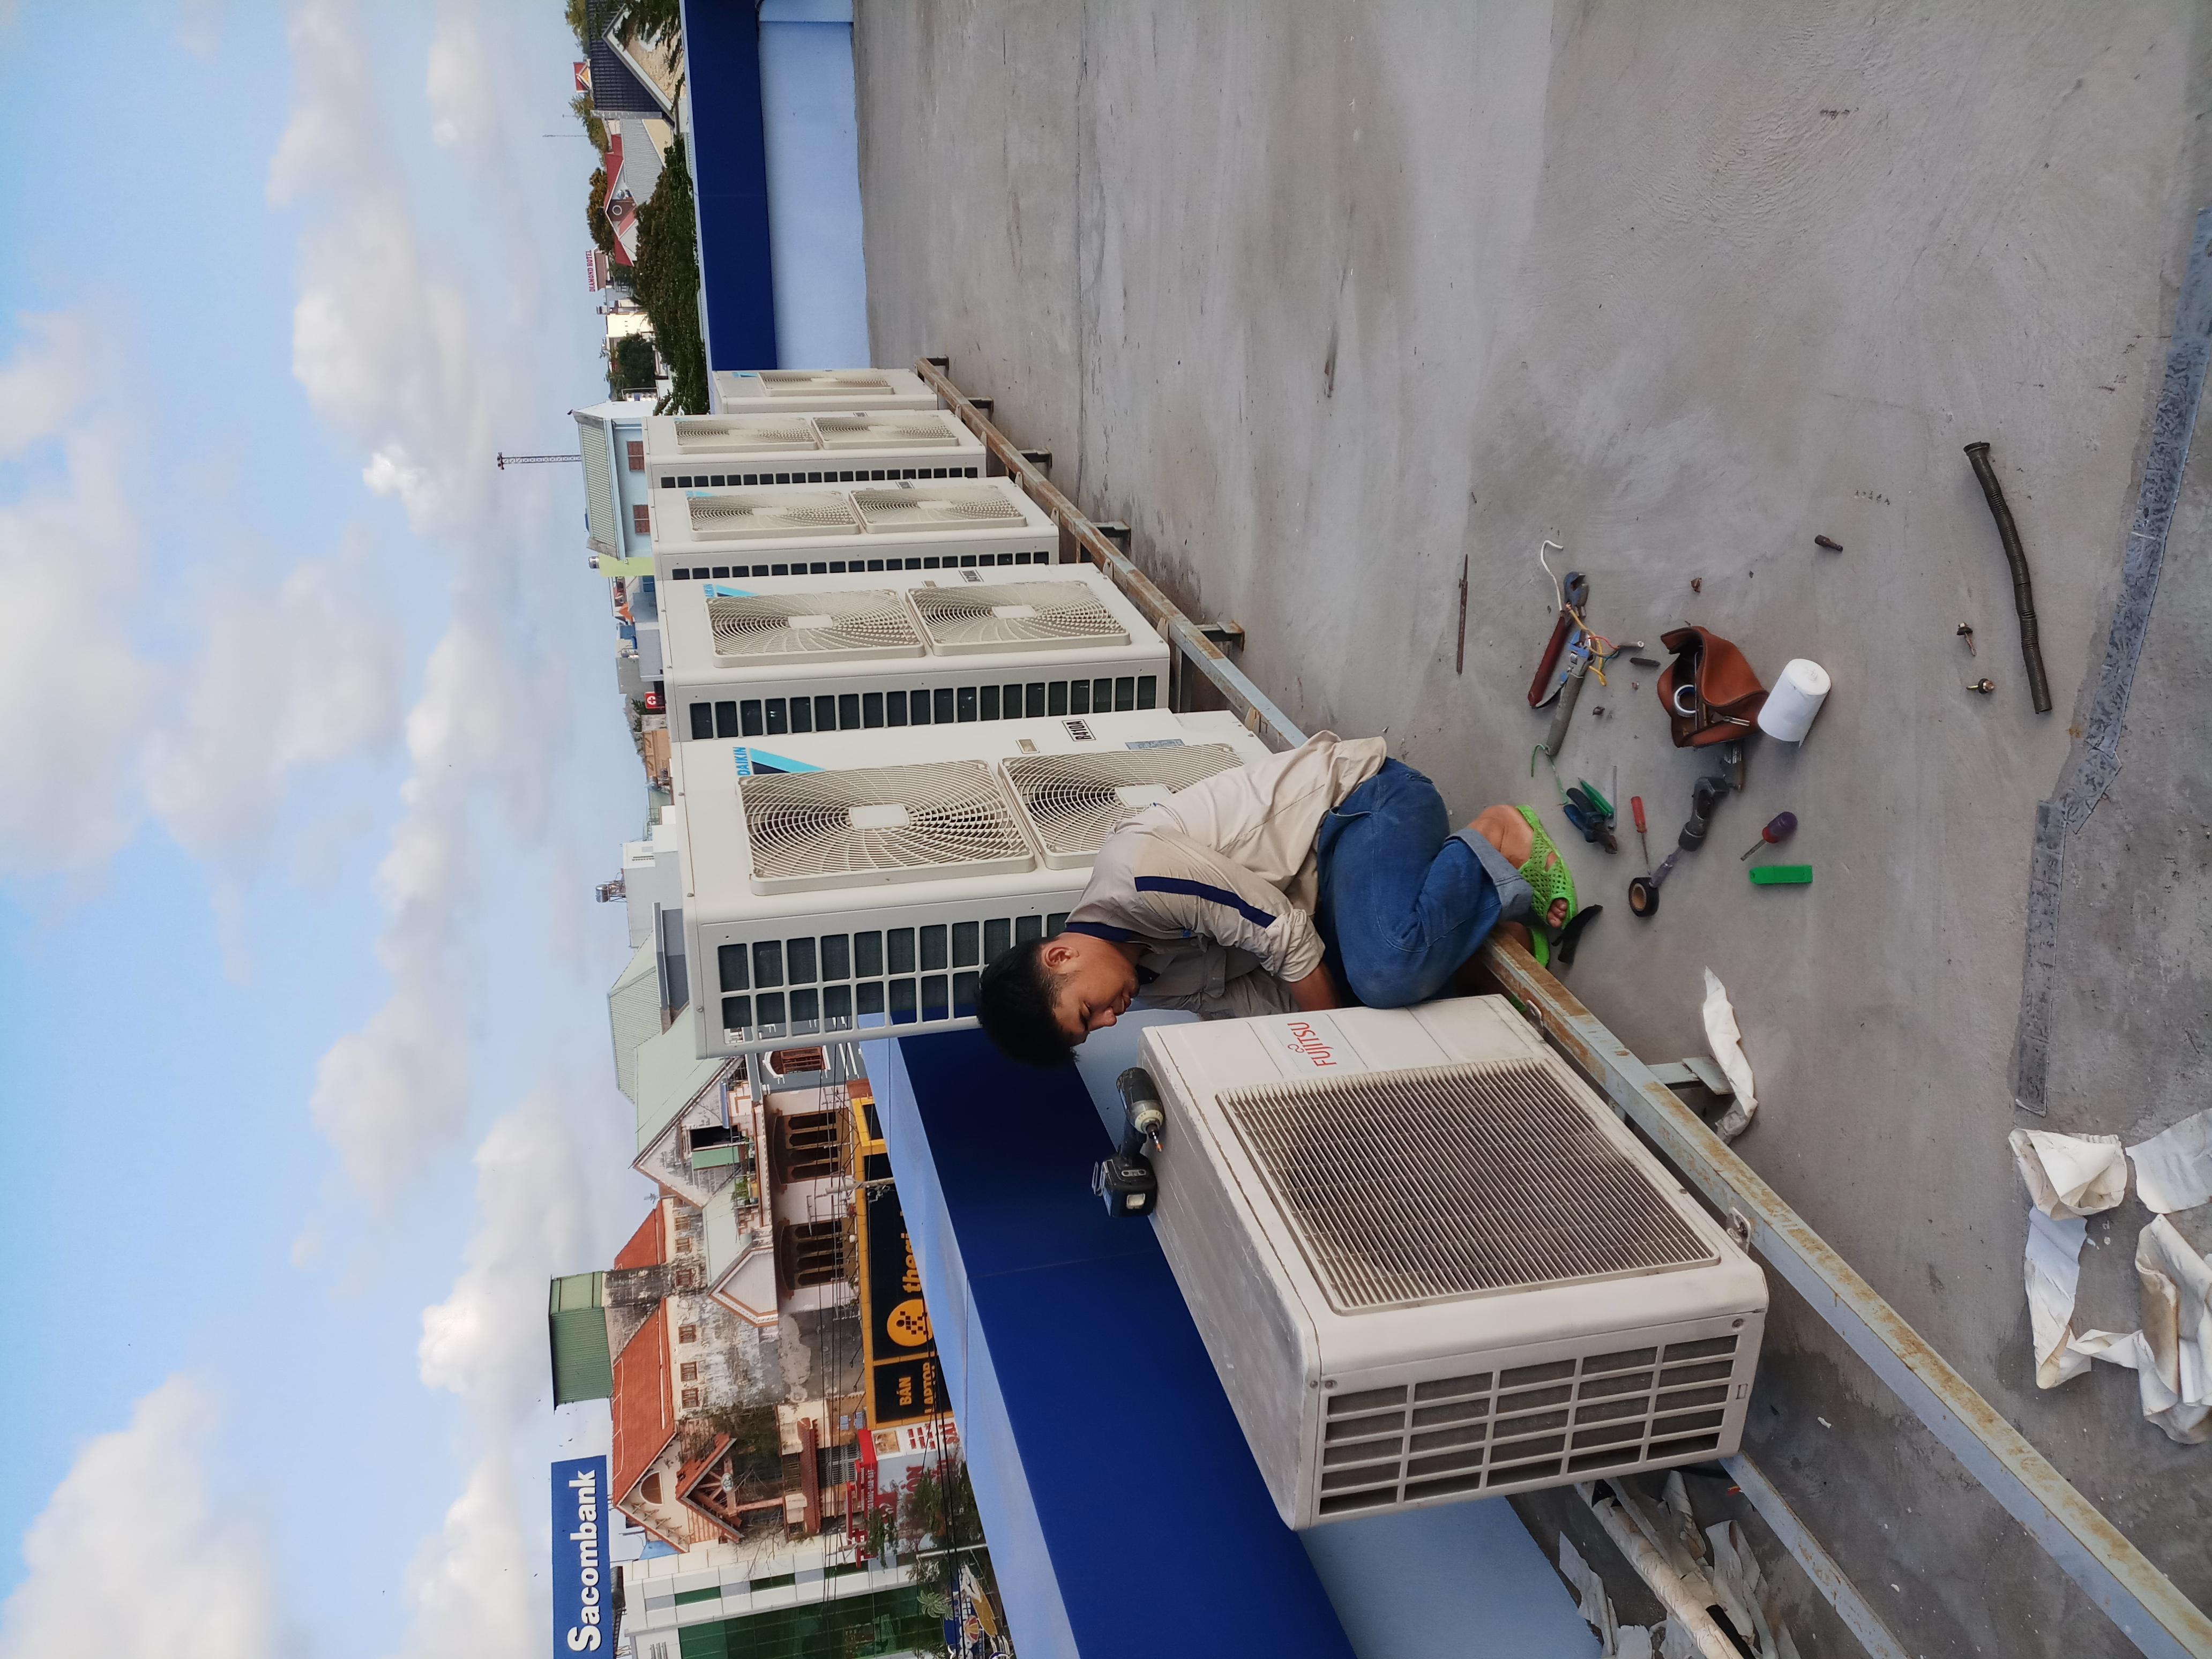 Lắp đặt, sửa chữa, vệ sinh, máy lạnh, máy giặt, máy nóng lạnh tại nhà tại huyện xuyên mộc